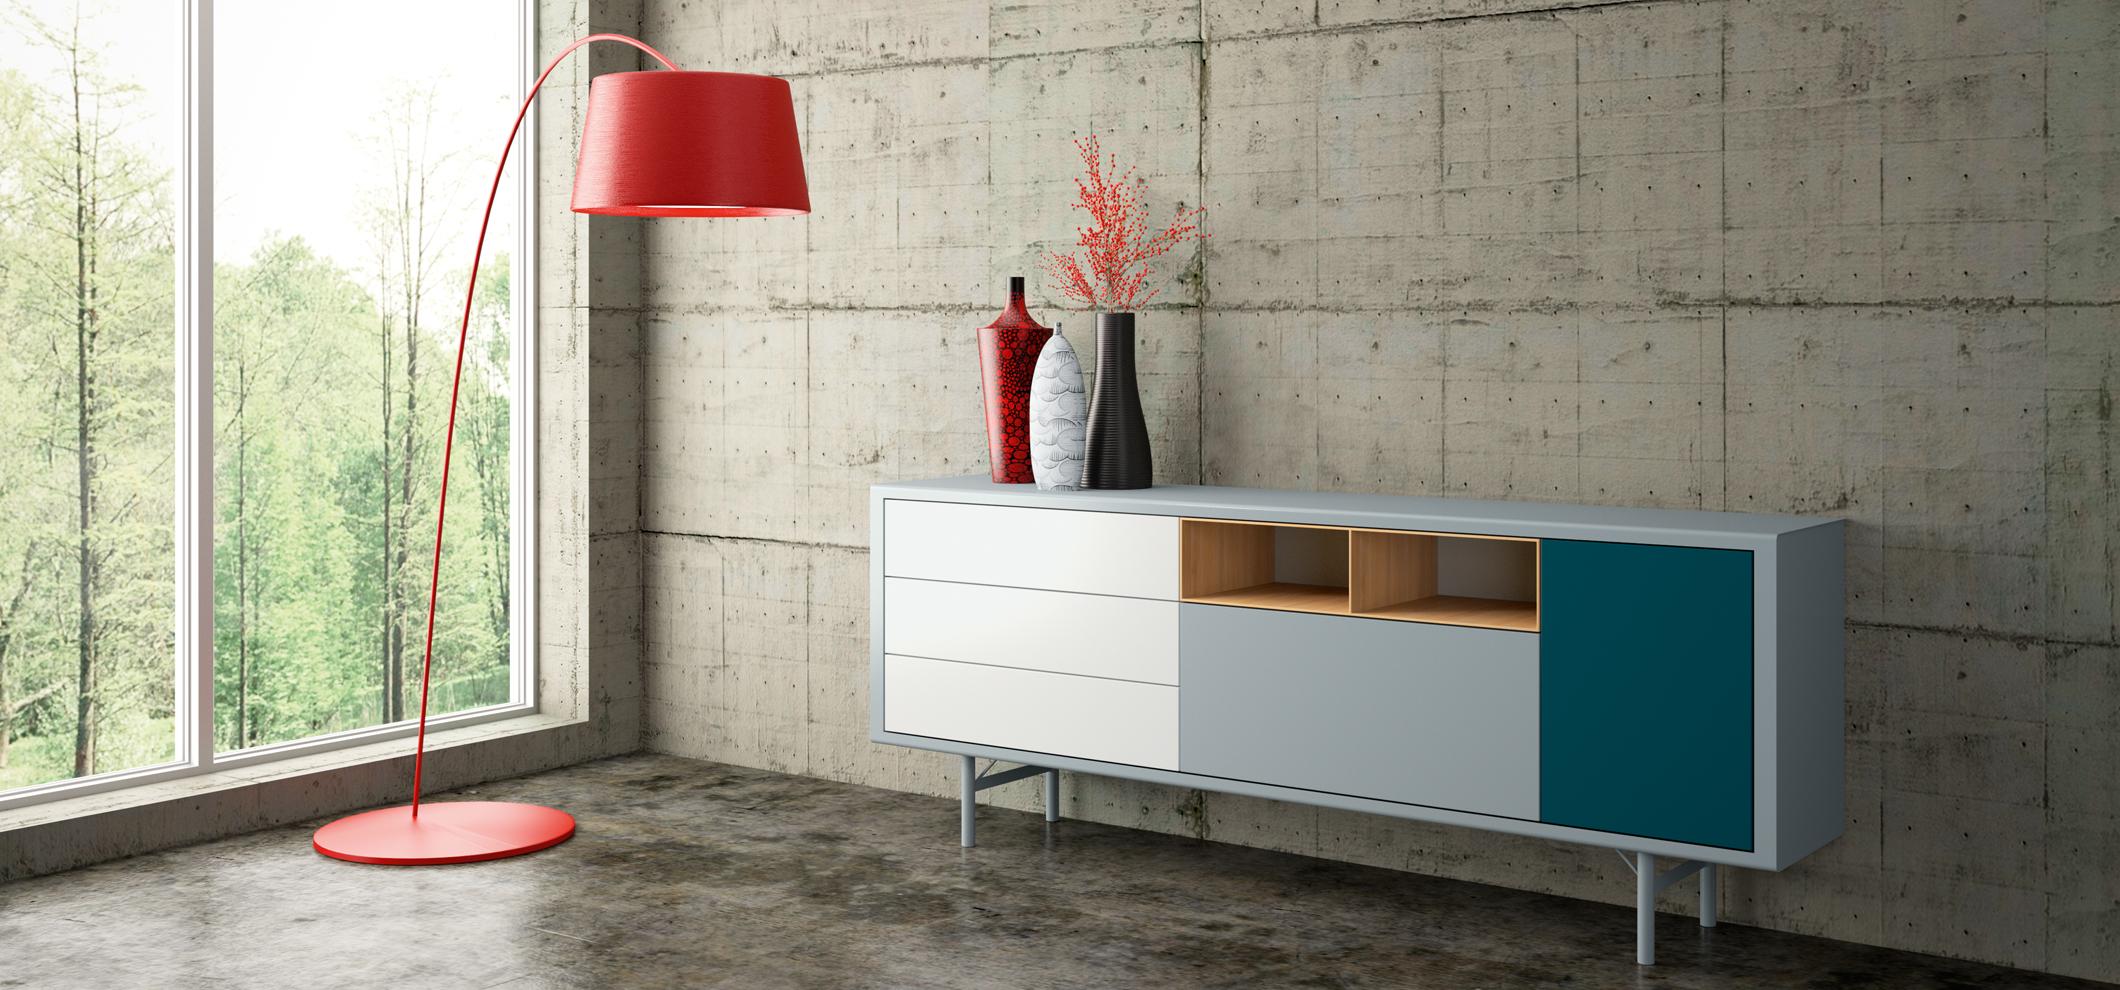 m ller m bel drupal. Black Bedroom Furniture Sets. Home Design Ideas